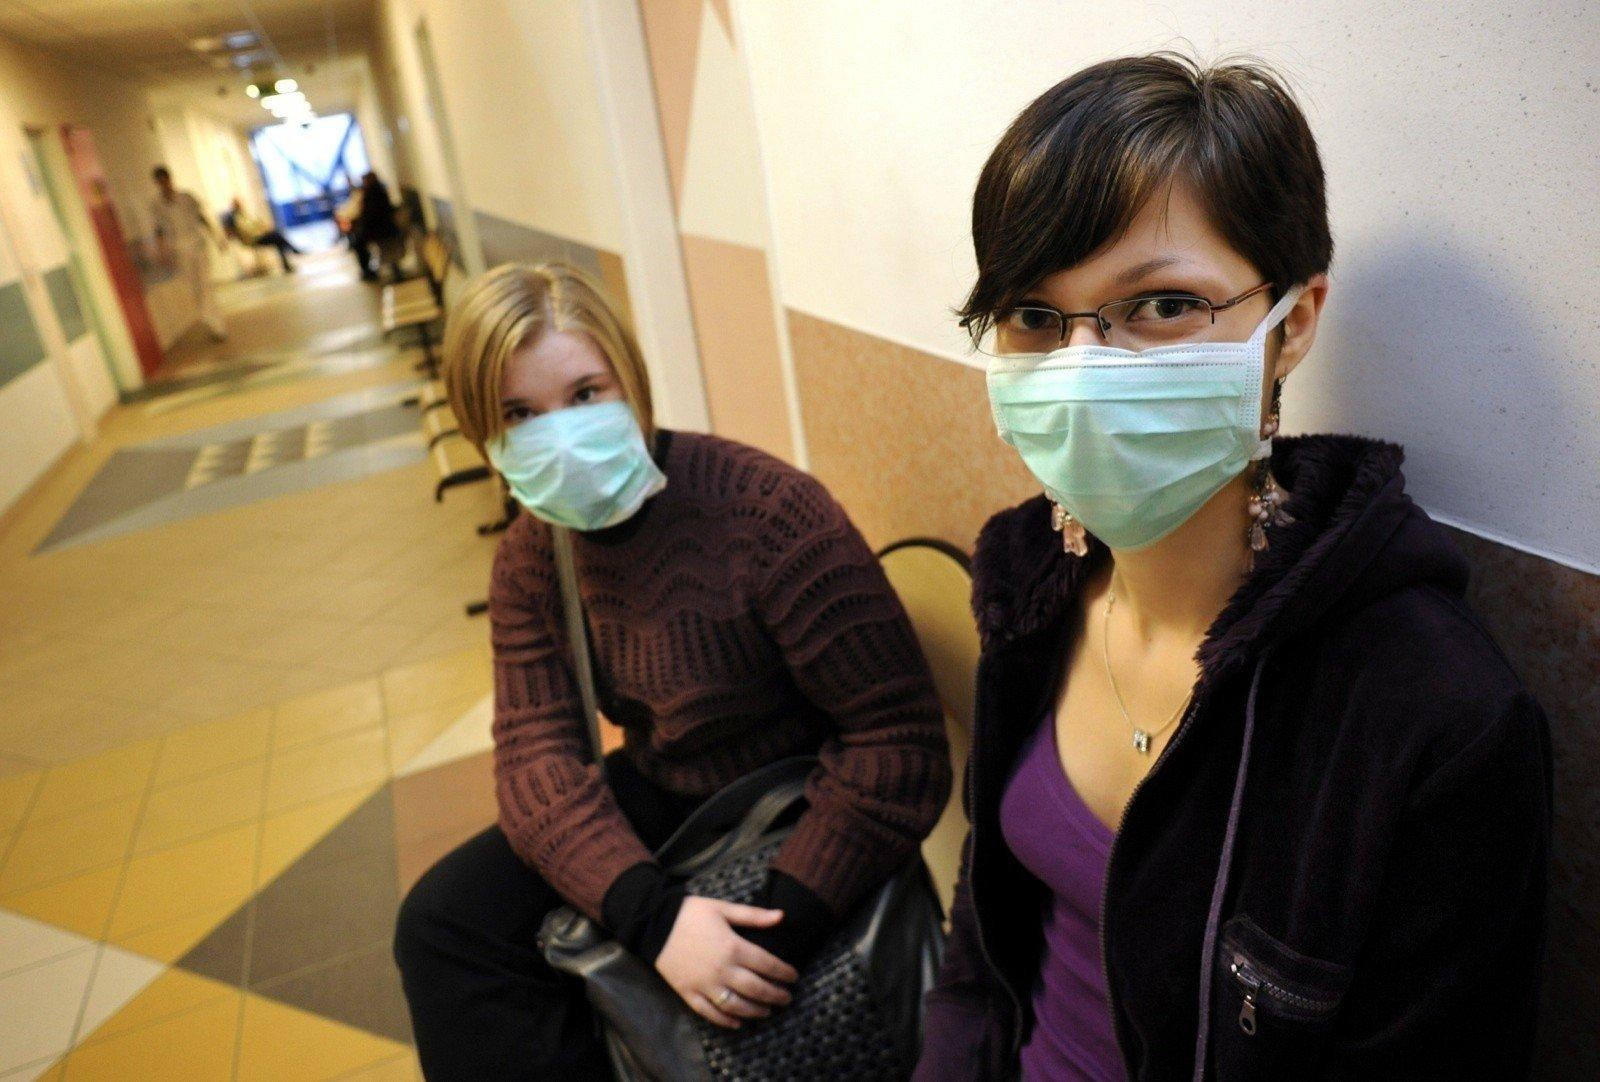 Strach przed koronawirusem. Z aptek w Rzeszowie zniknęły maski z filtrami antywirusowymi, nie ma ich nawet w hurtowniach | Nowiny